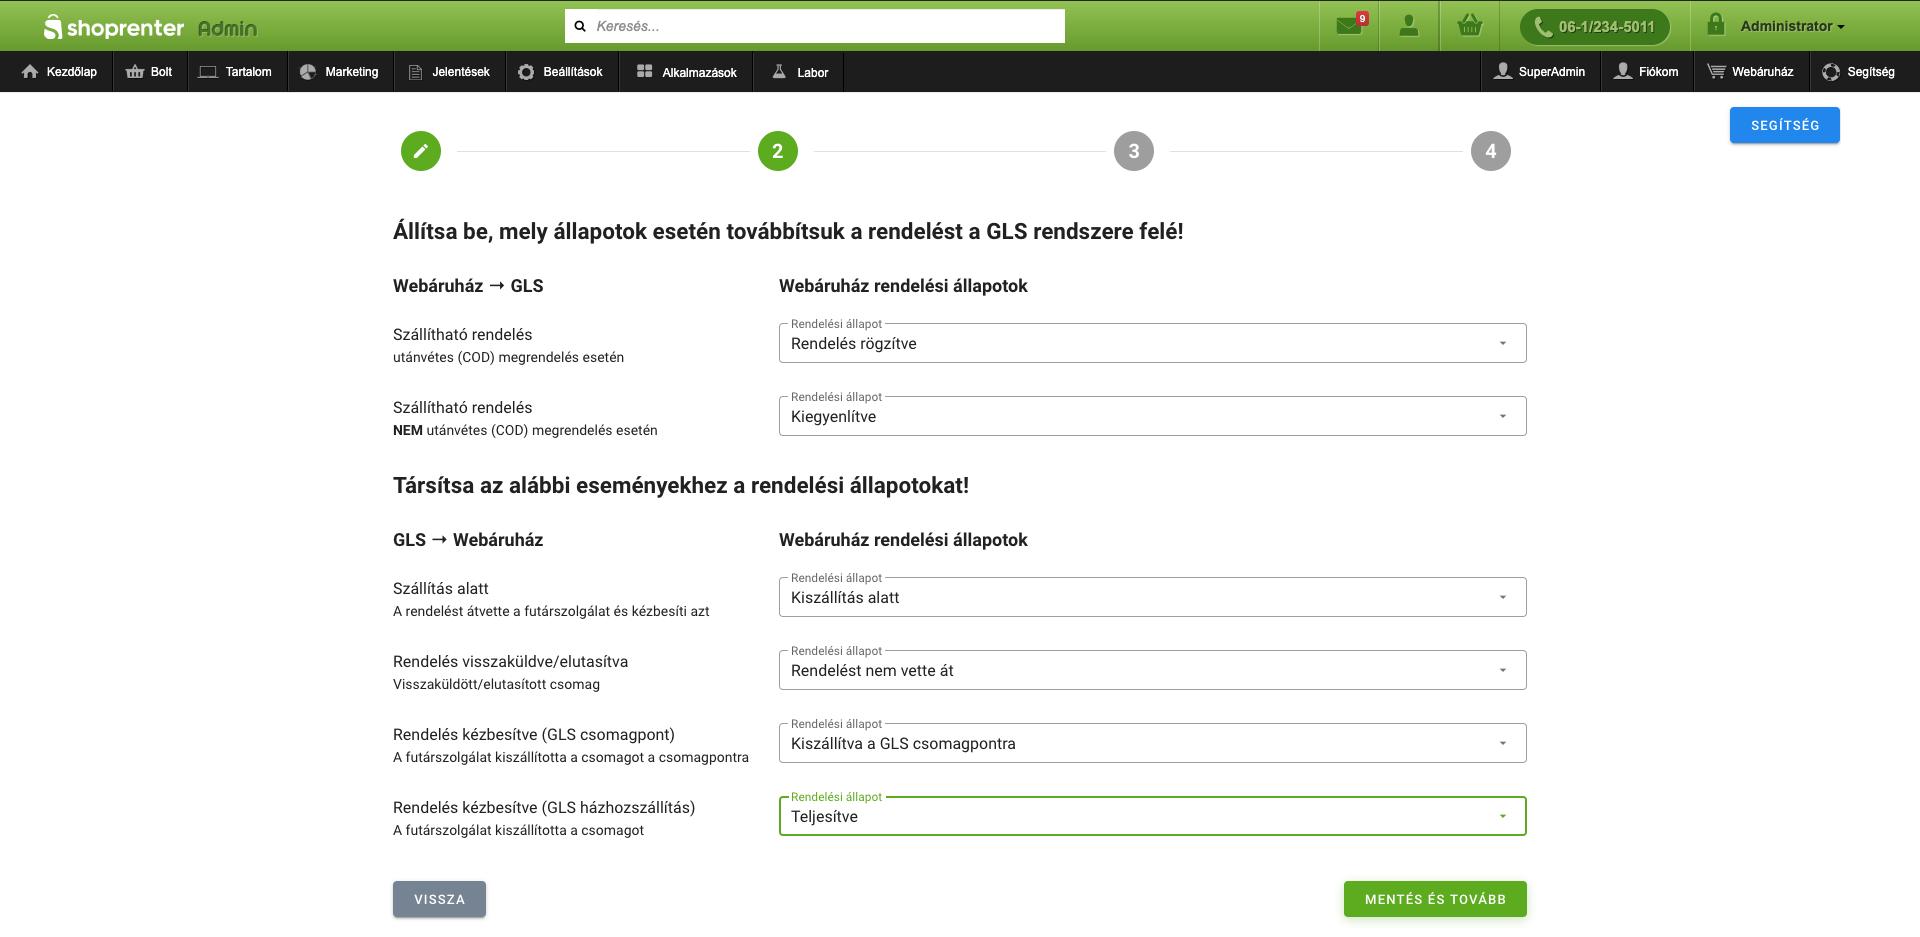 Screenshot_2020-06-10_at_14.24.47.png